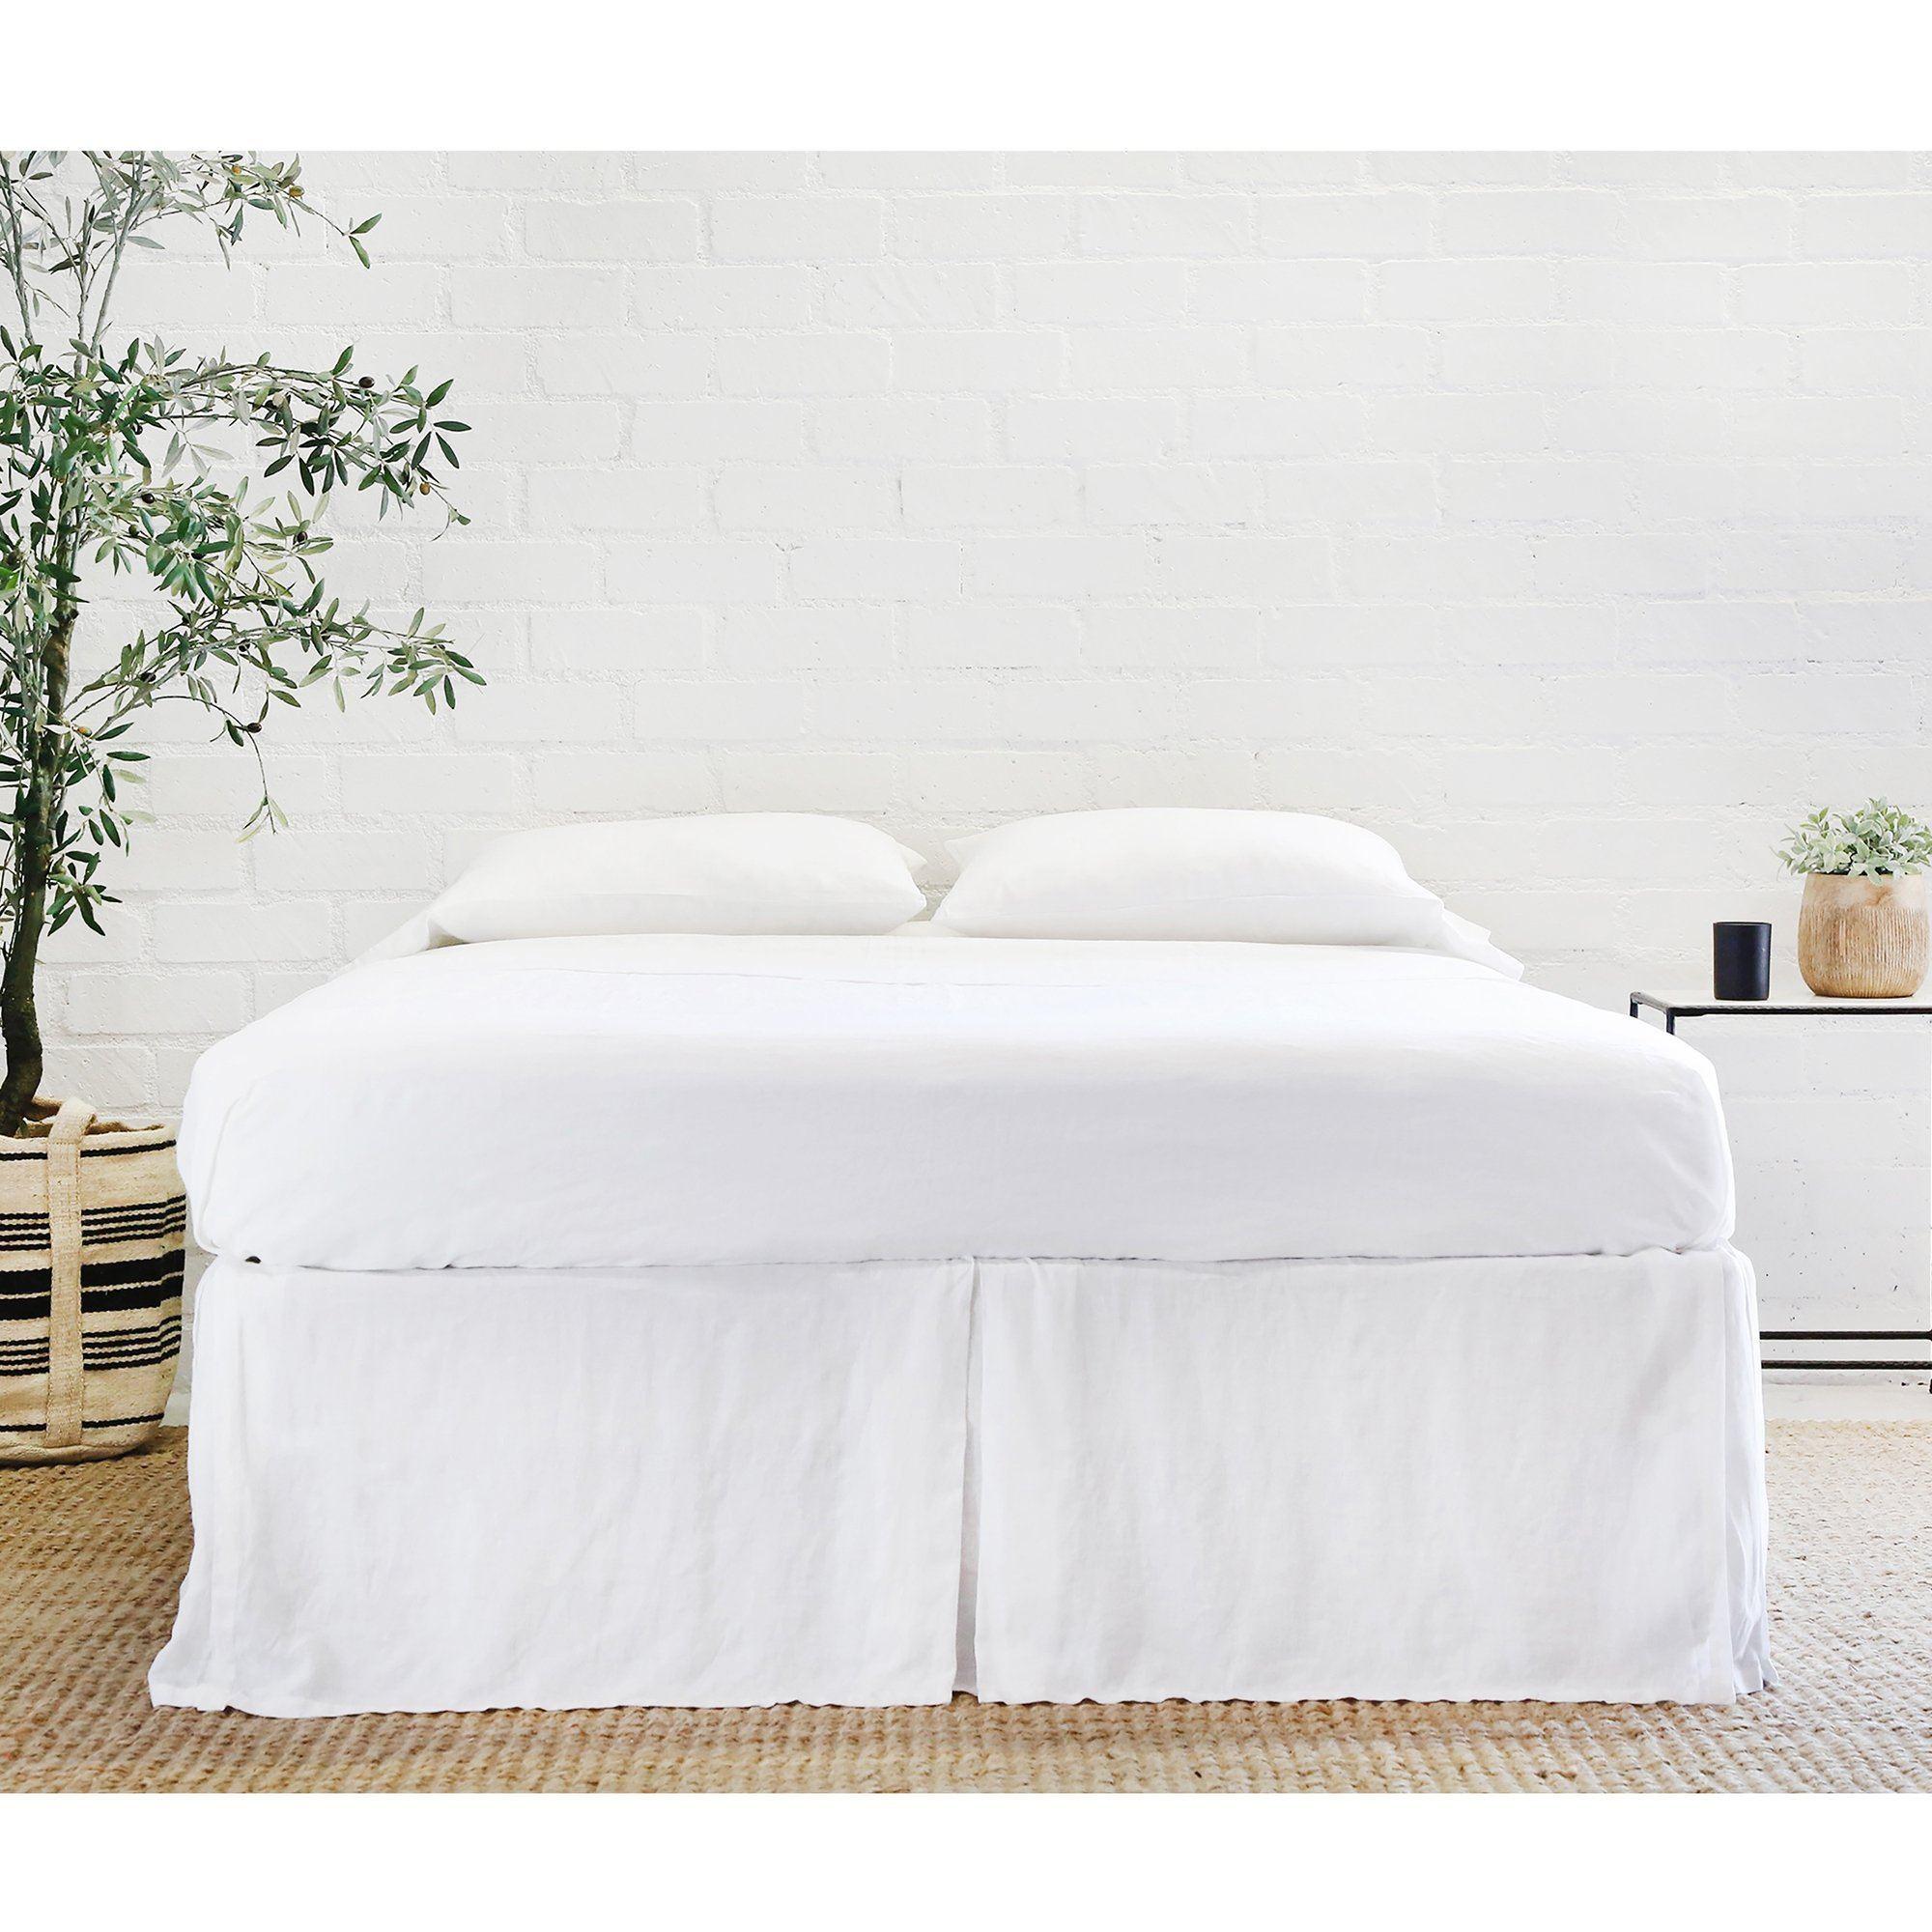 Pom Pom at Home White Linen Pleated Bedskirt